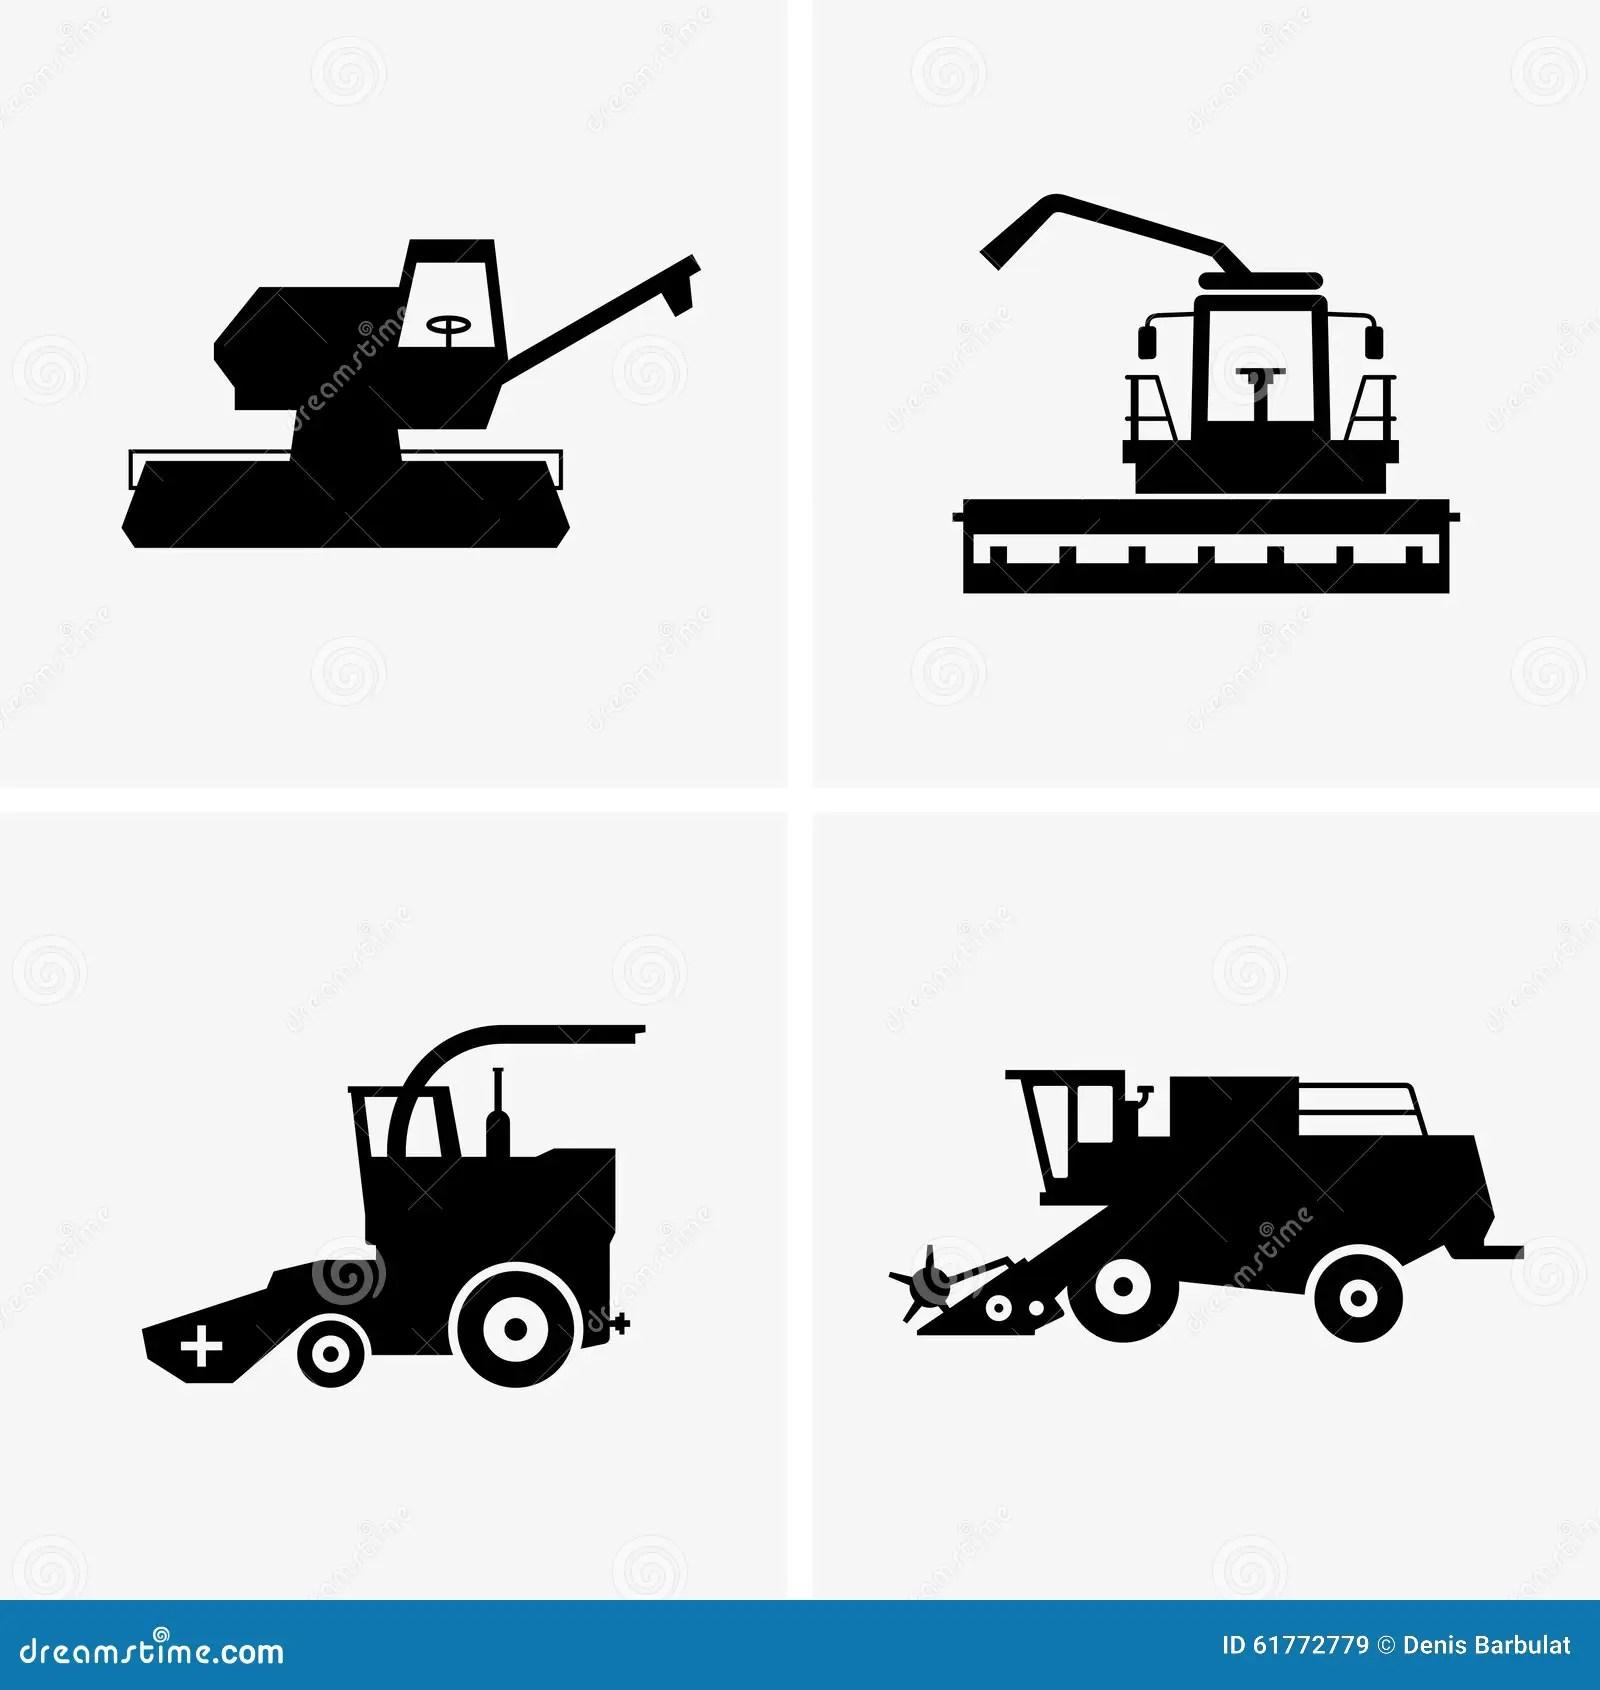 john deere green tractor � combine harvesters stock vector